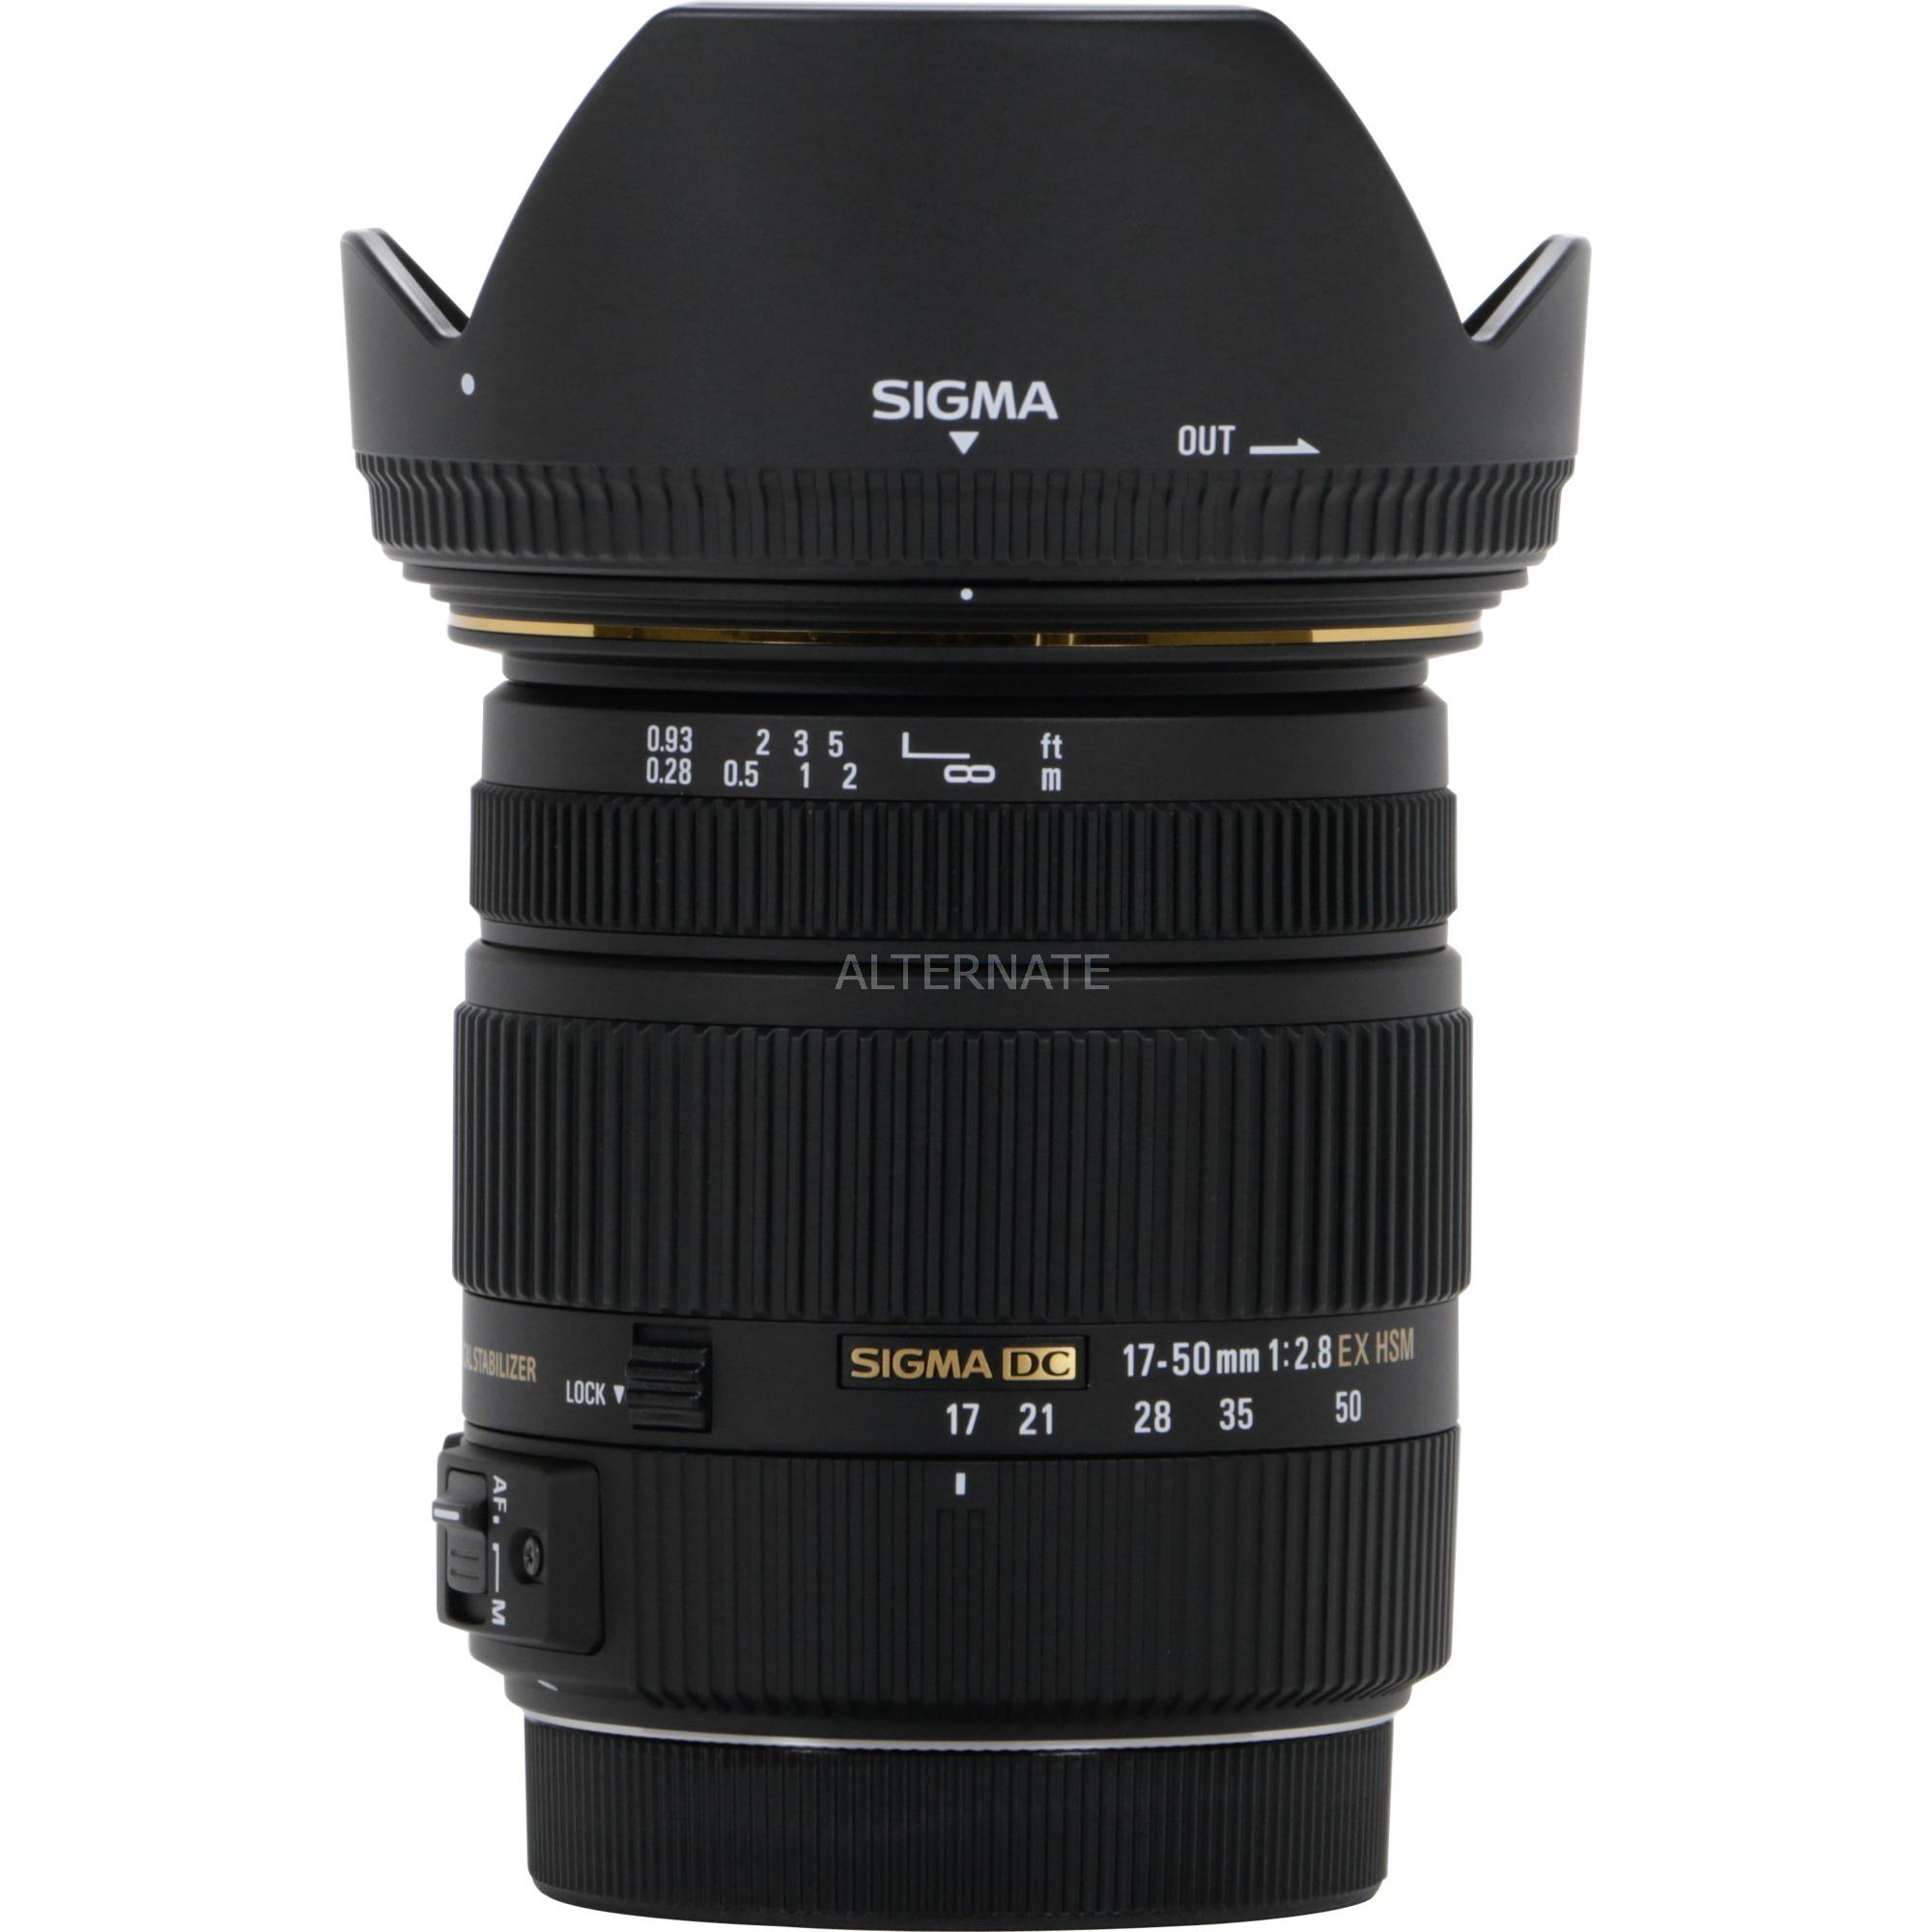 17-50mm F2.8 EX DC OS HSM SLR Objetivo de zoom estándar Negro, Objetivos